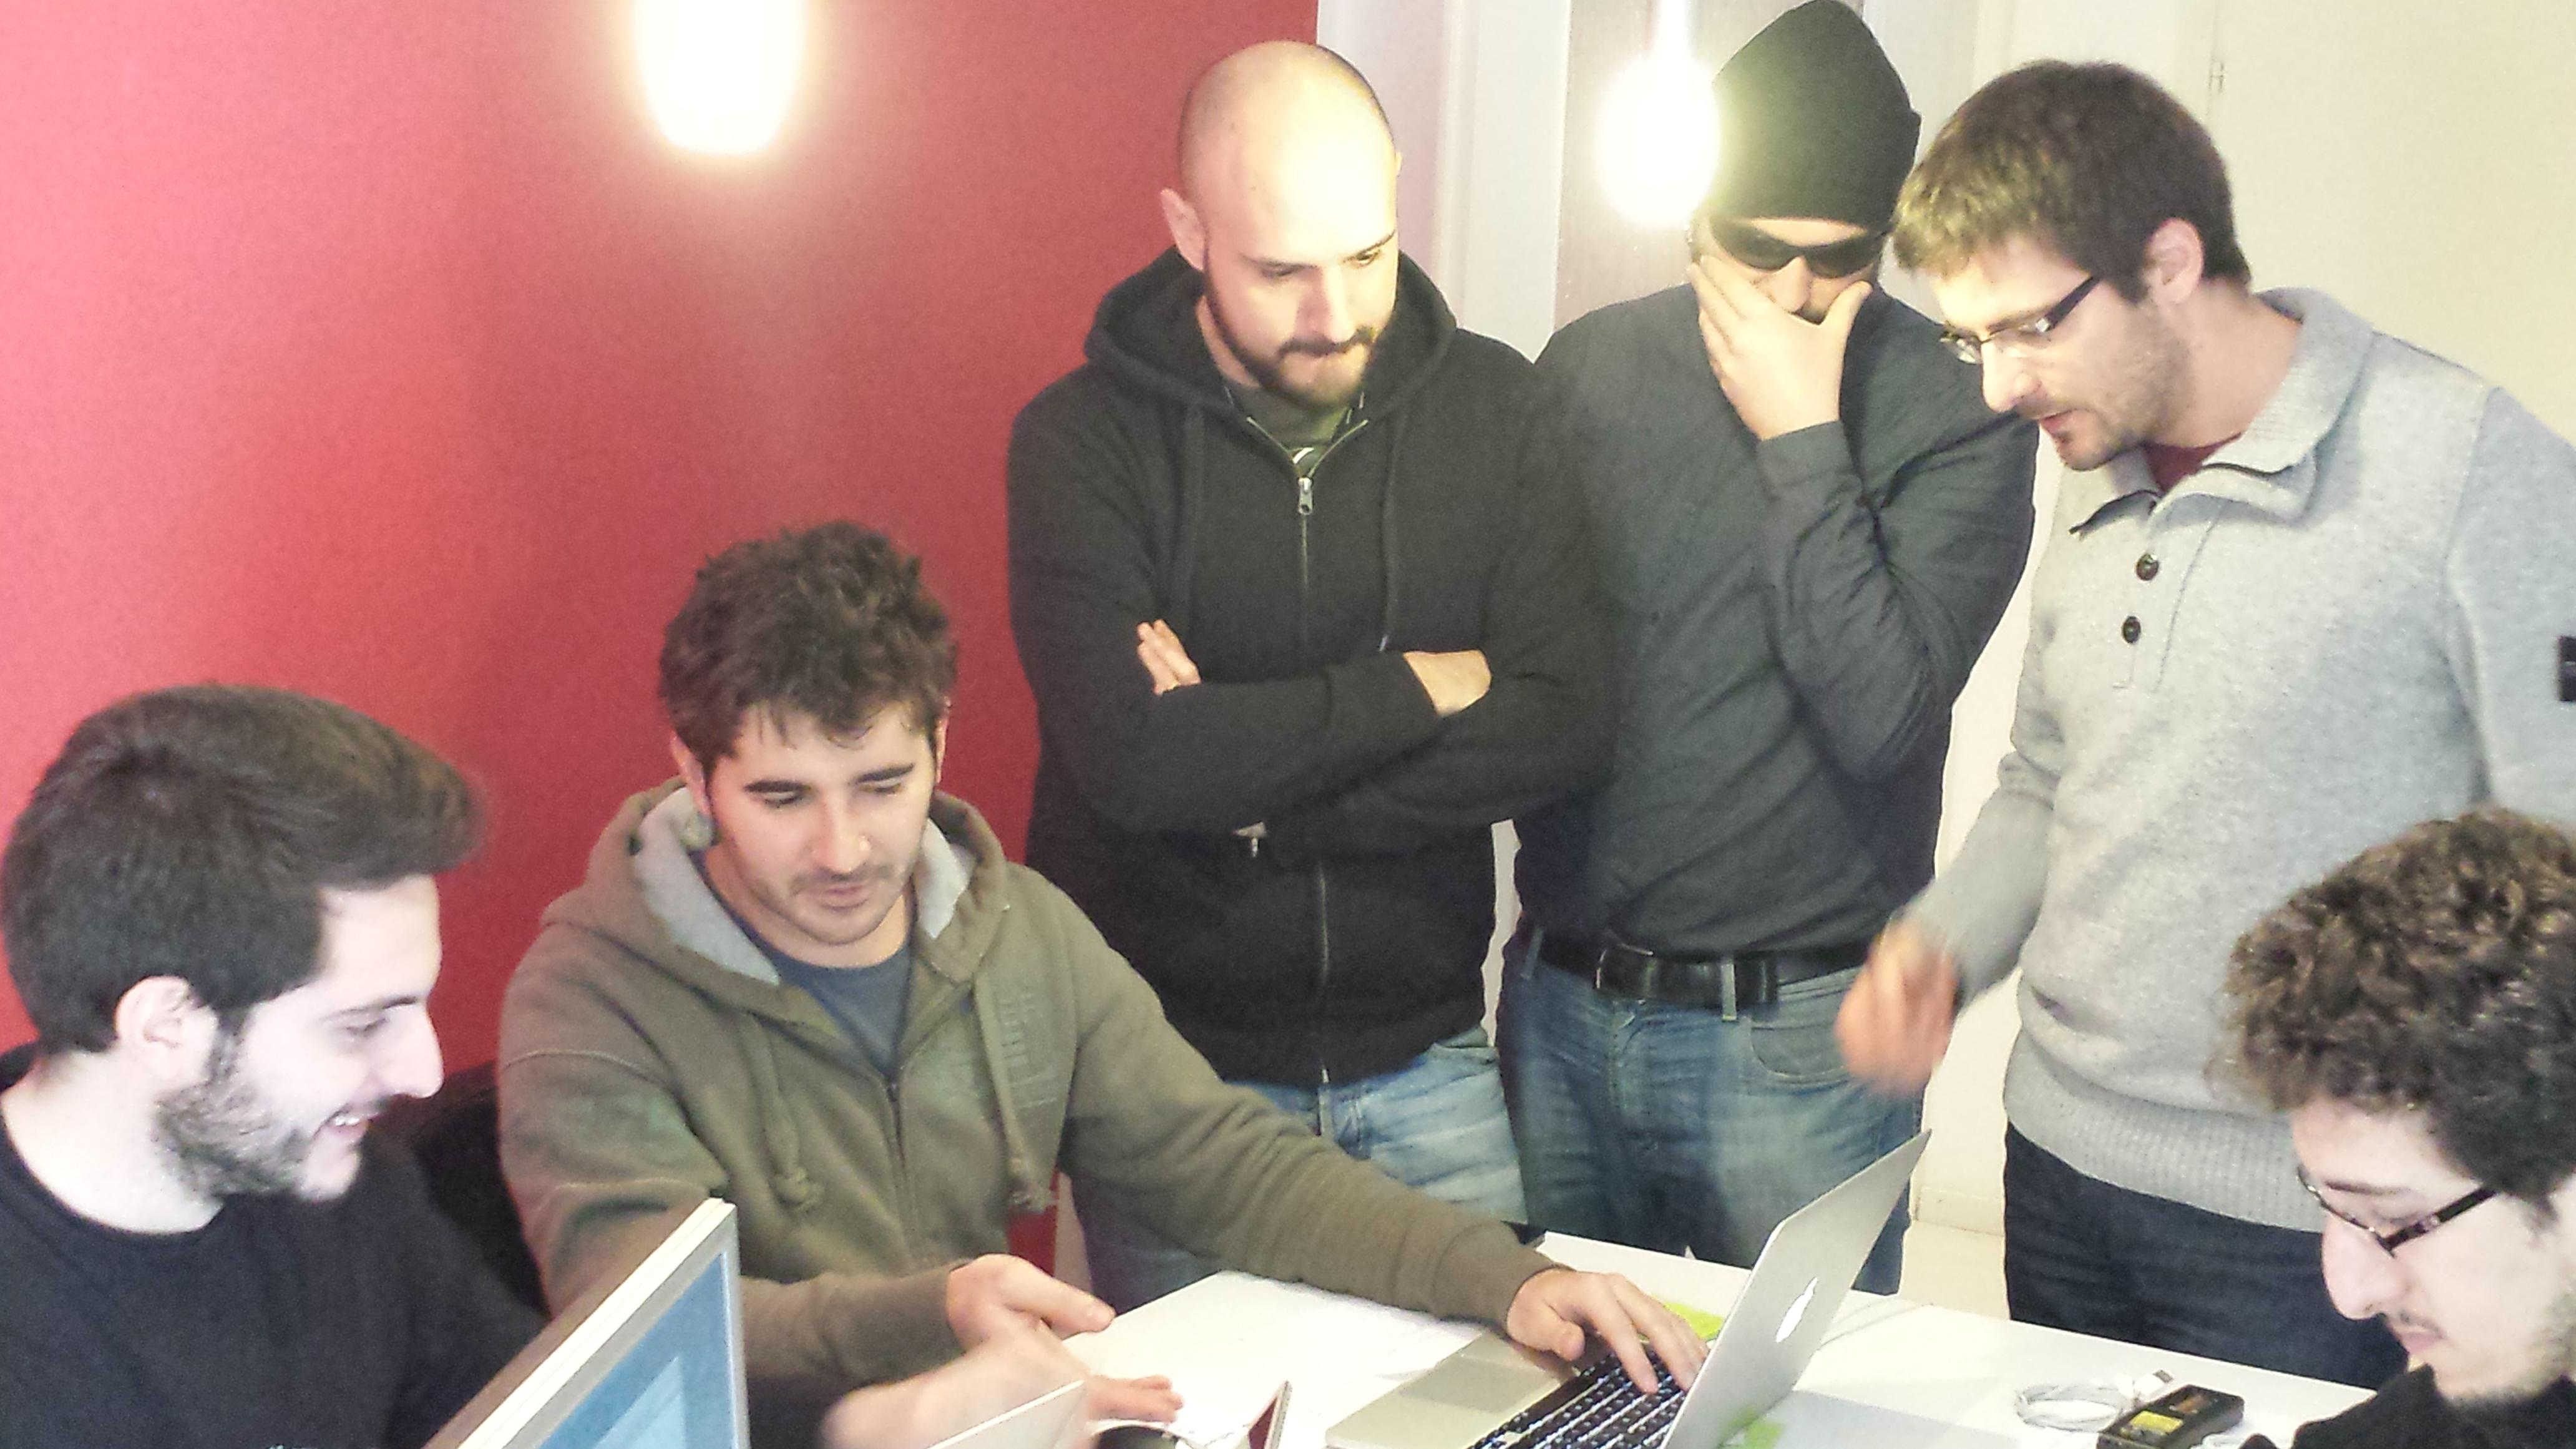 redBit games - Team at work